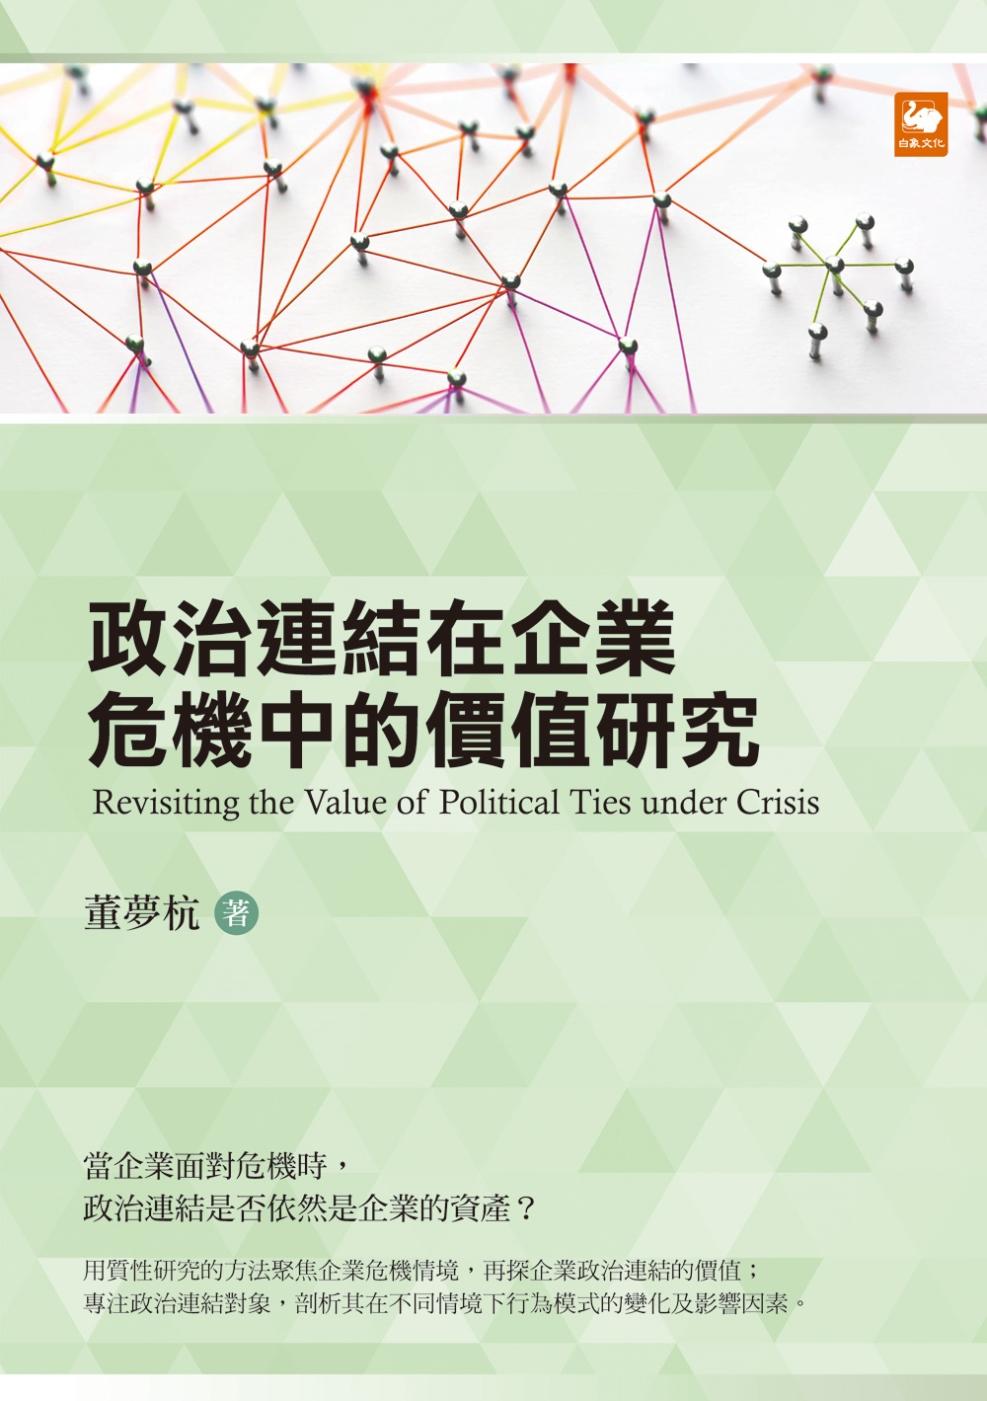 政治連結在企業危機中的價值研究